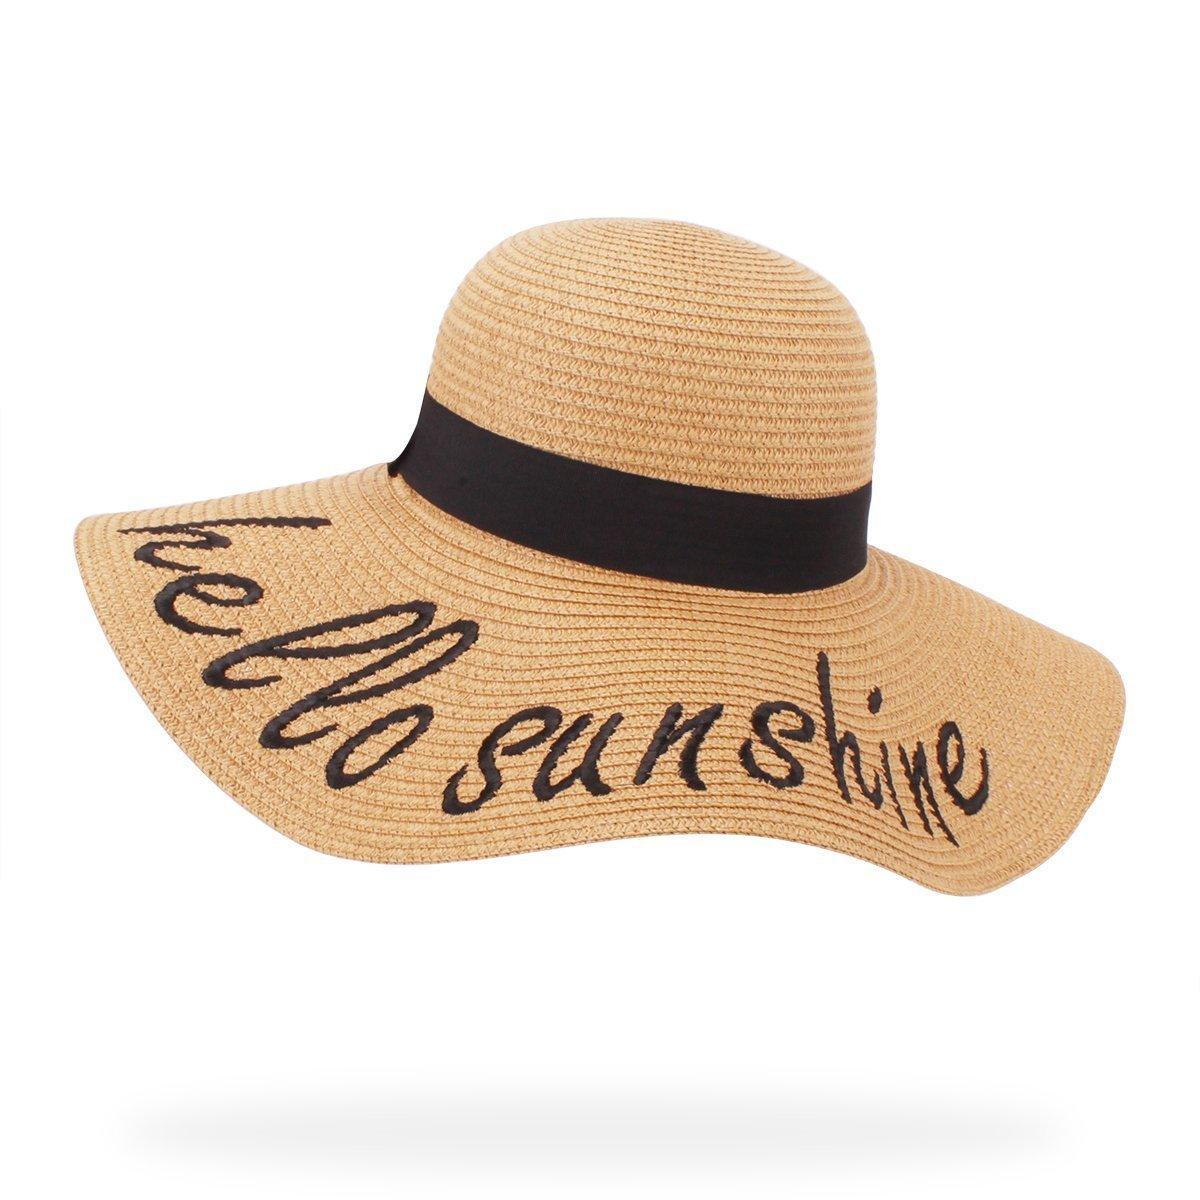 belababy Hello Sunshine Beach Hat UPF 50+ Womens Summer Travel Bikini Accessory